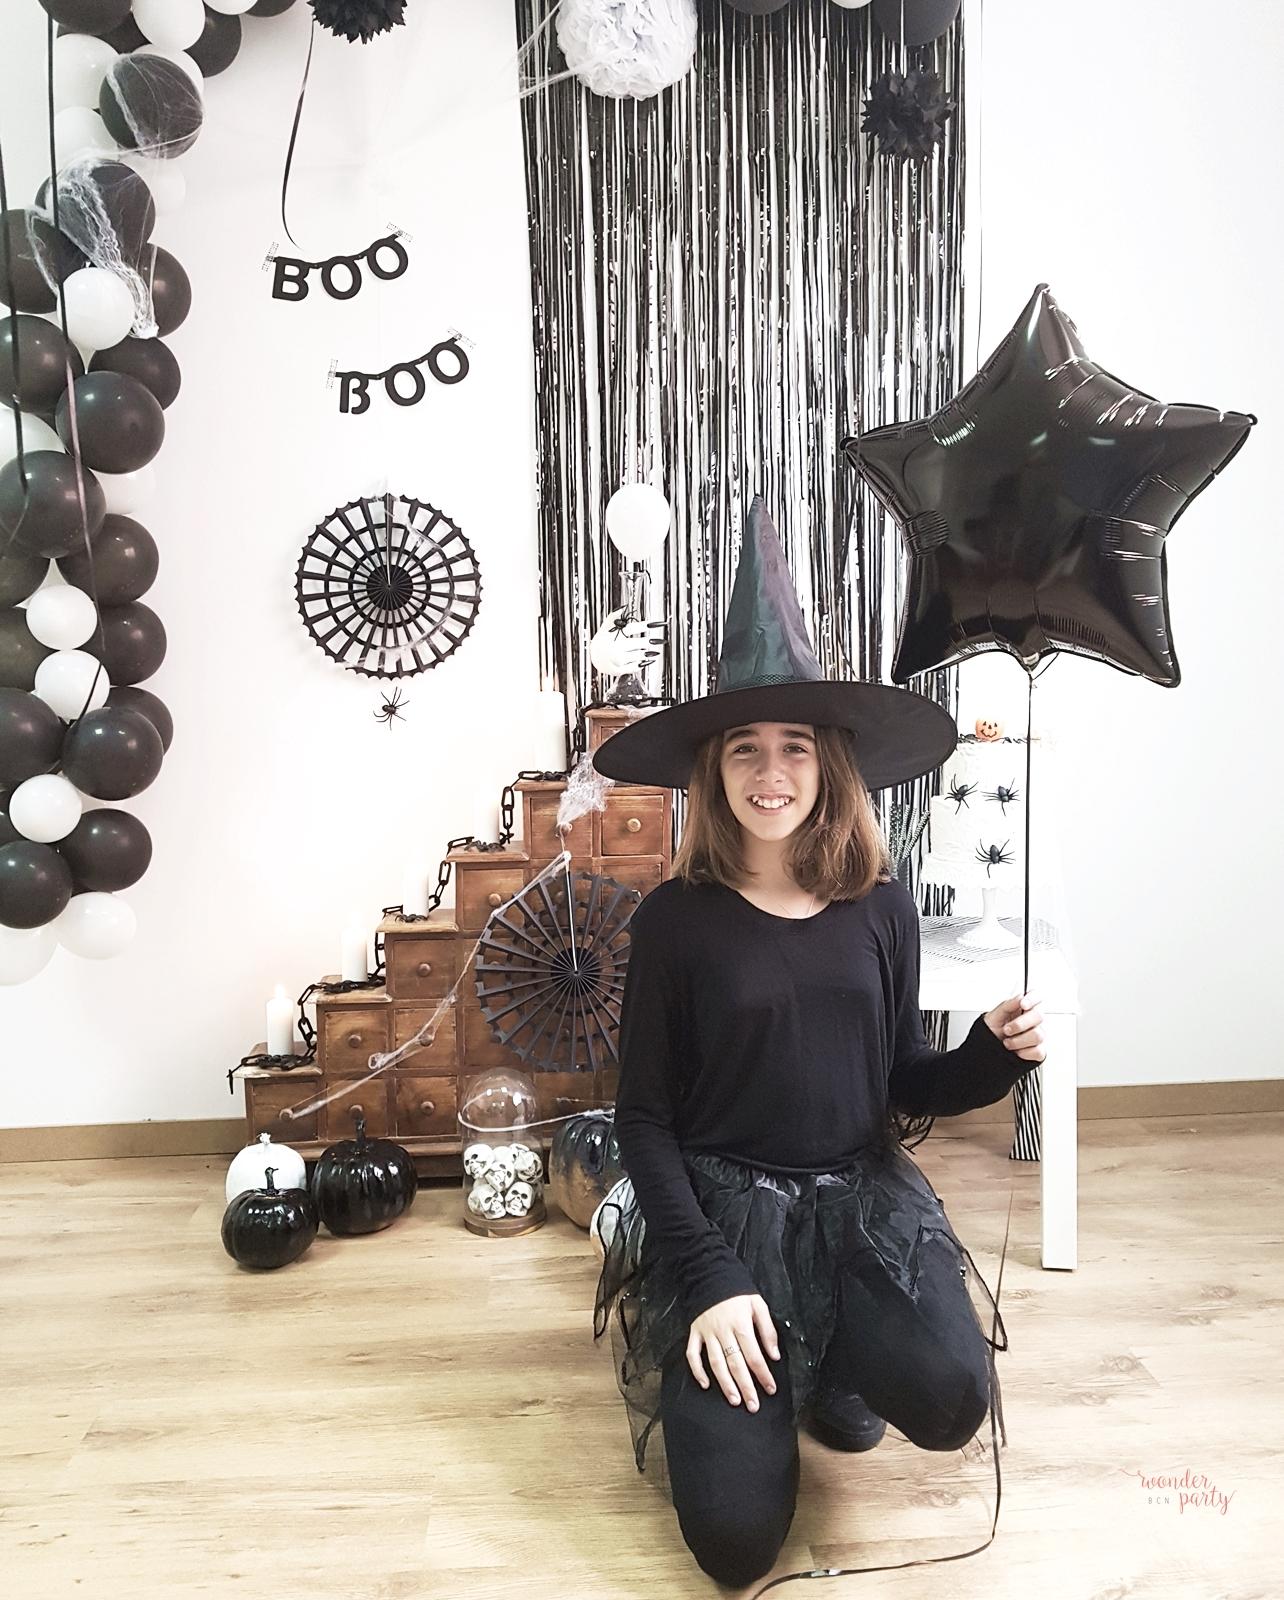 Halloboo party inspiración para halloween fiestas y productos para fiestas temáticas en barcelona para familias únicas Wonder Party Bcn DIY para fiesta de halooween